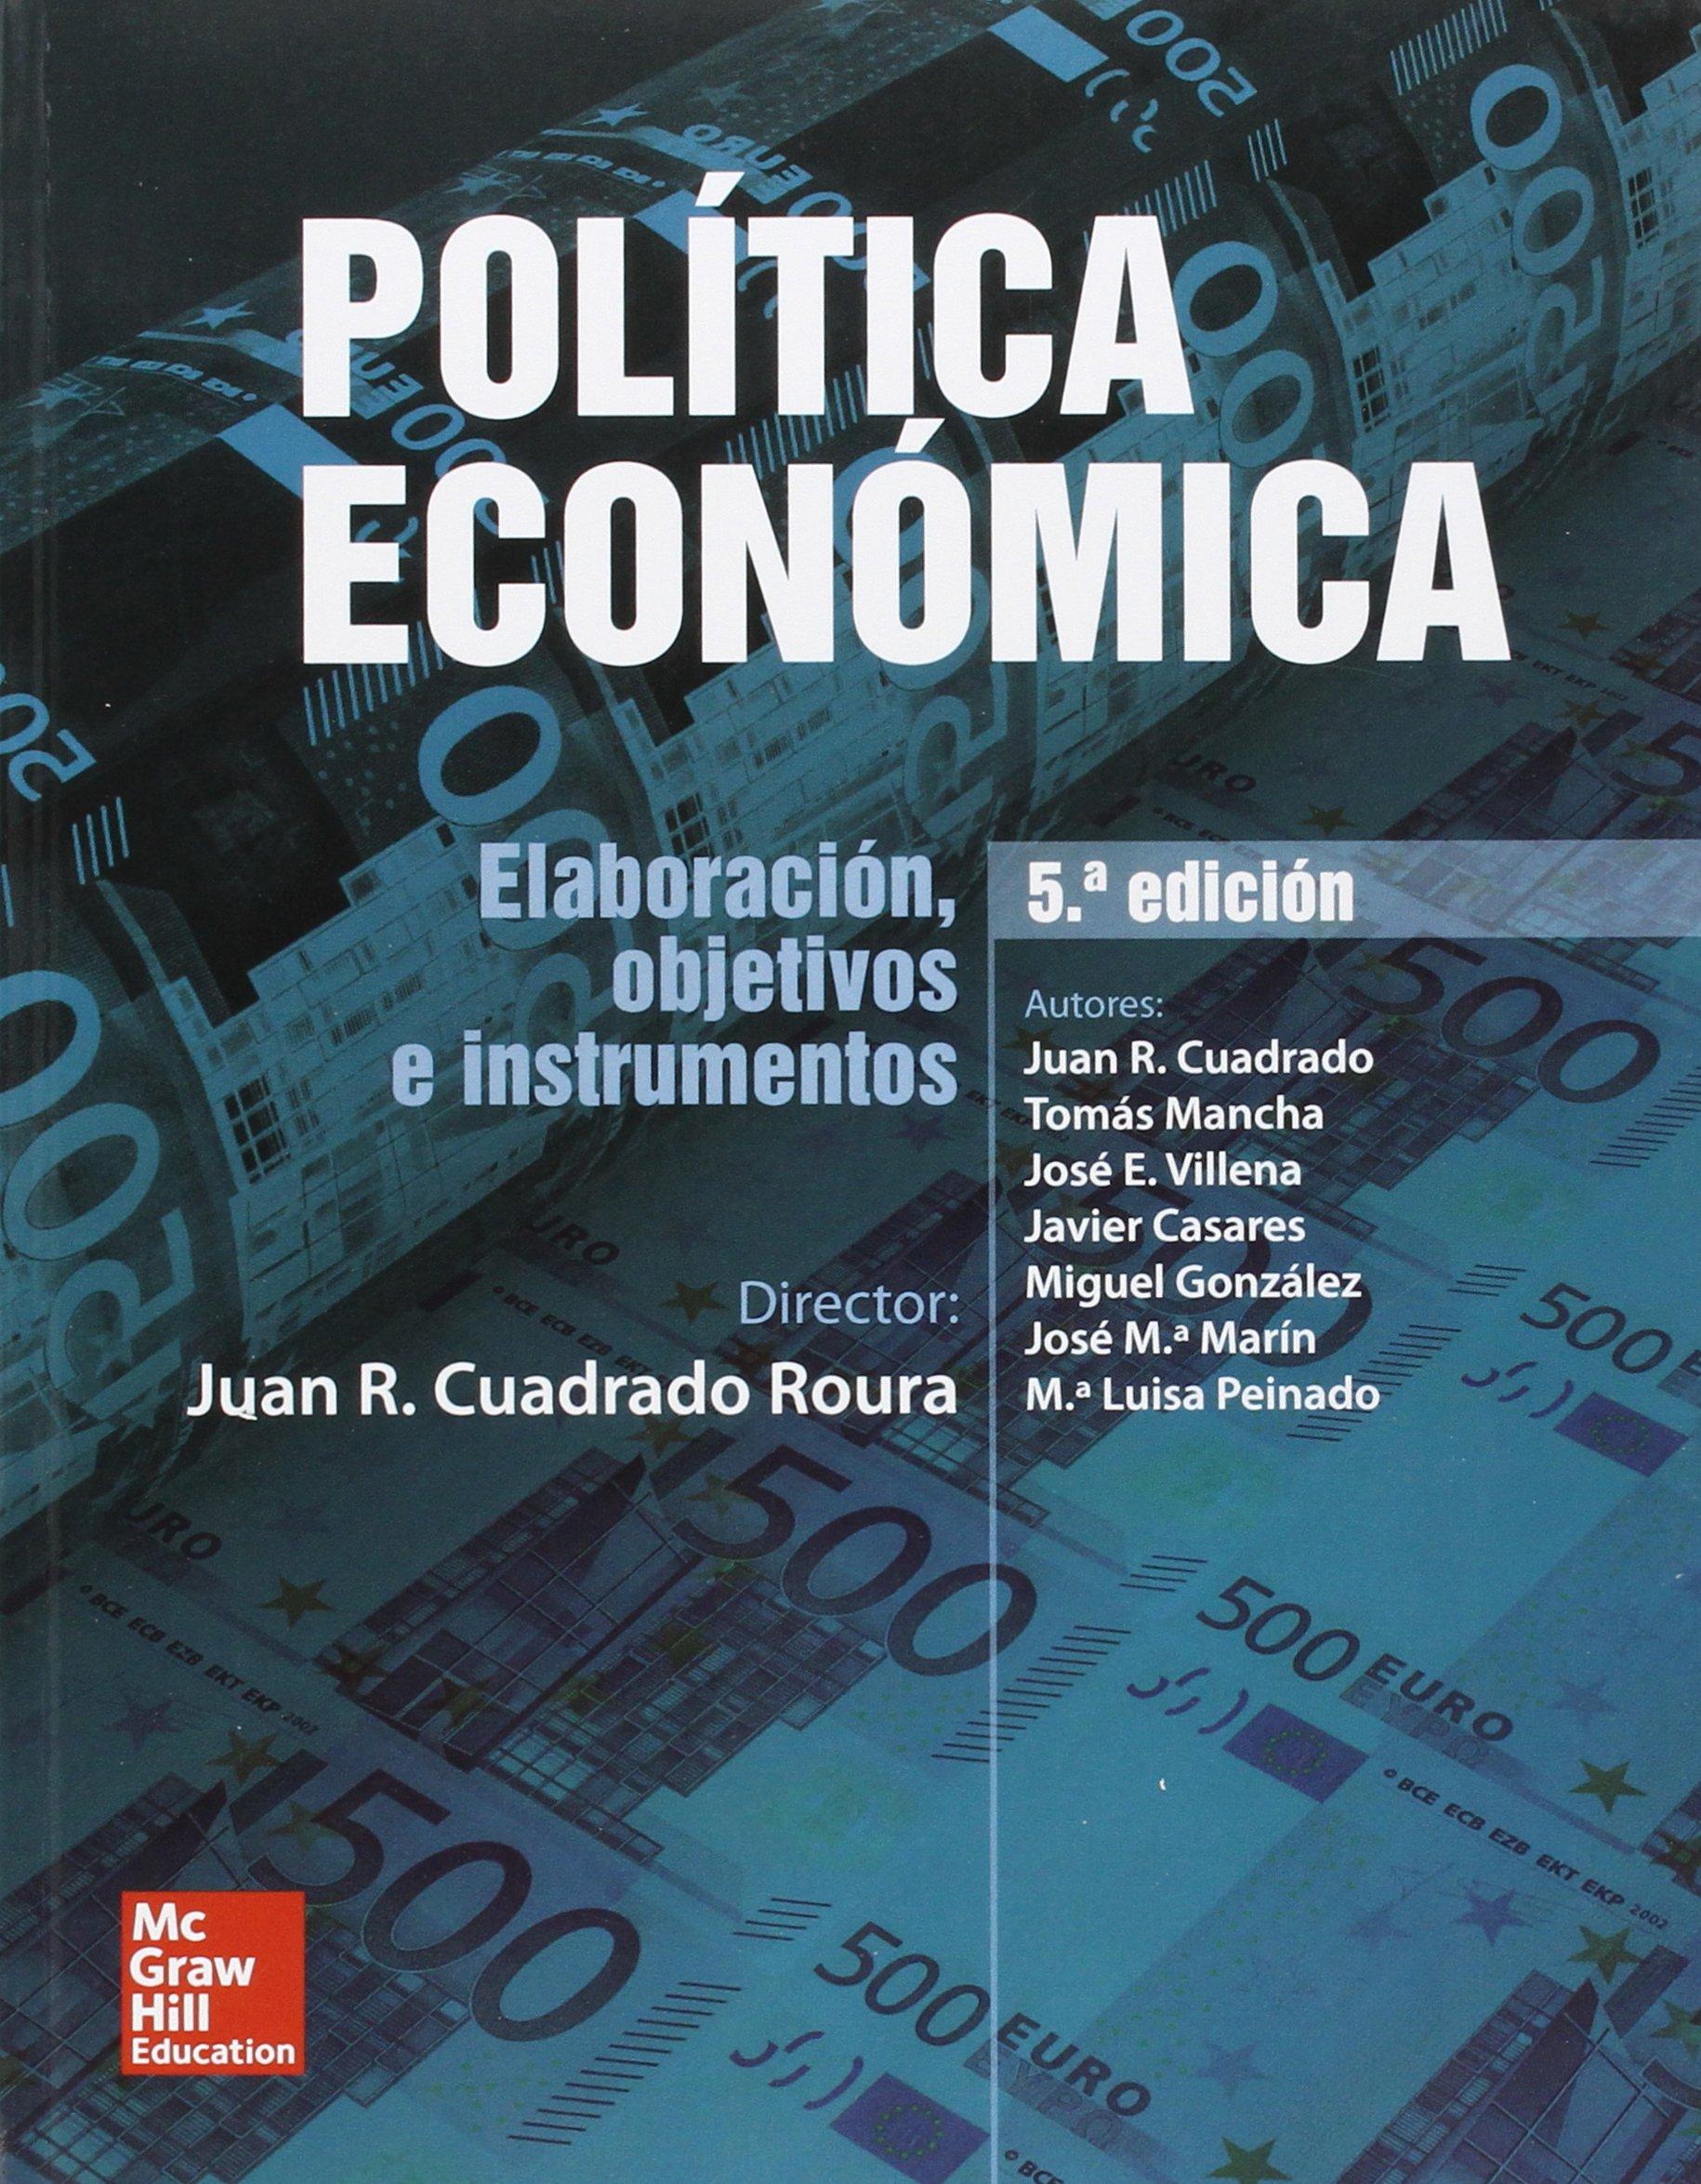 POLITICA ECONOMICA.: Amazon.es: Juan R. Cuadrado-Roura: Libros